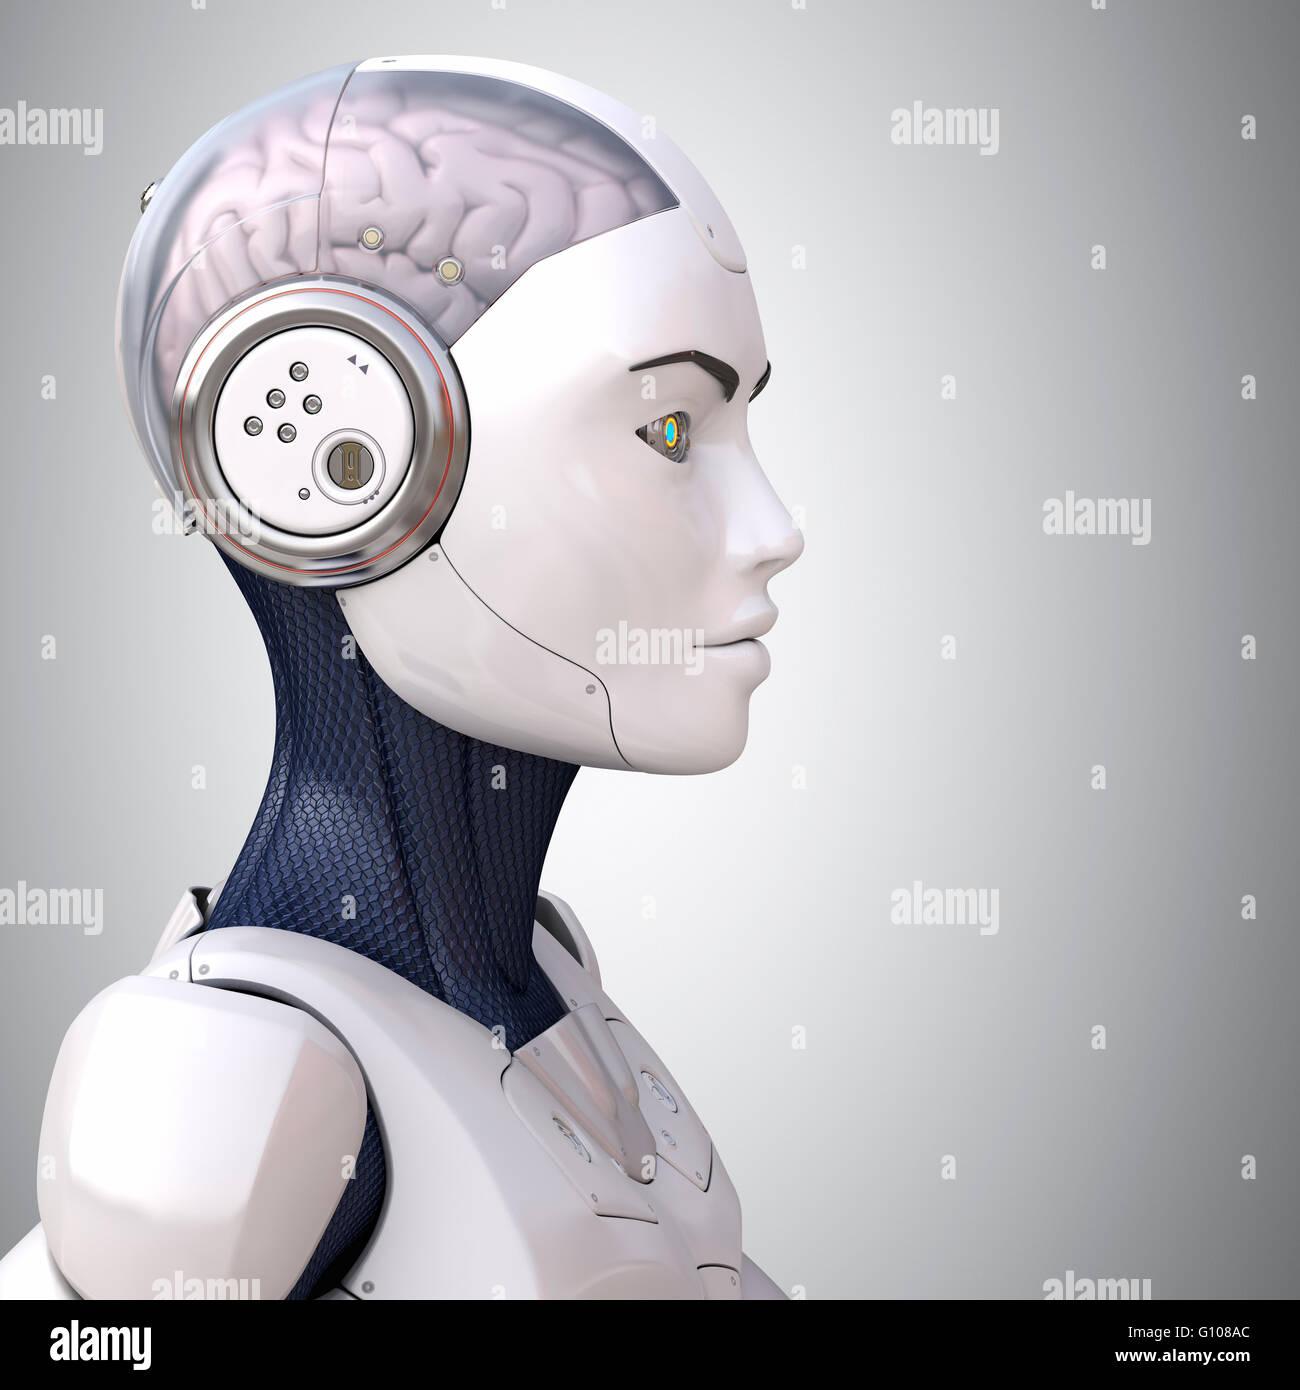 La tête du robot dans le profil Photo Stock